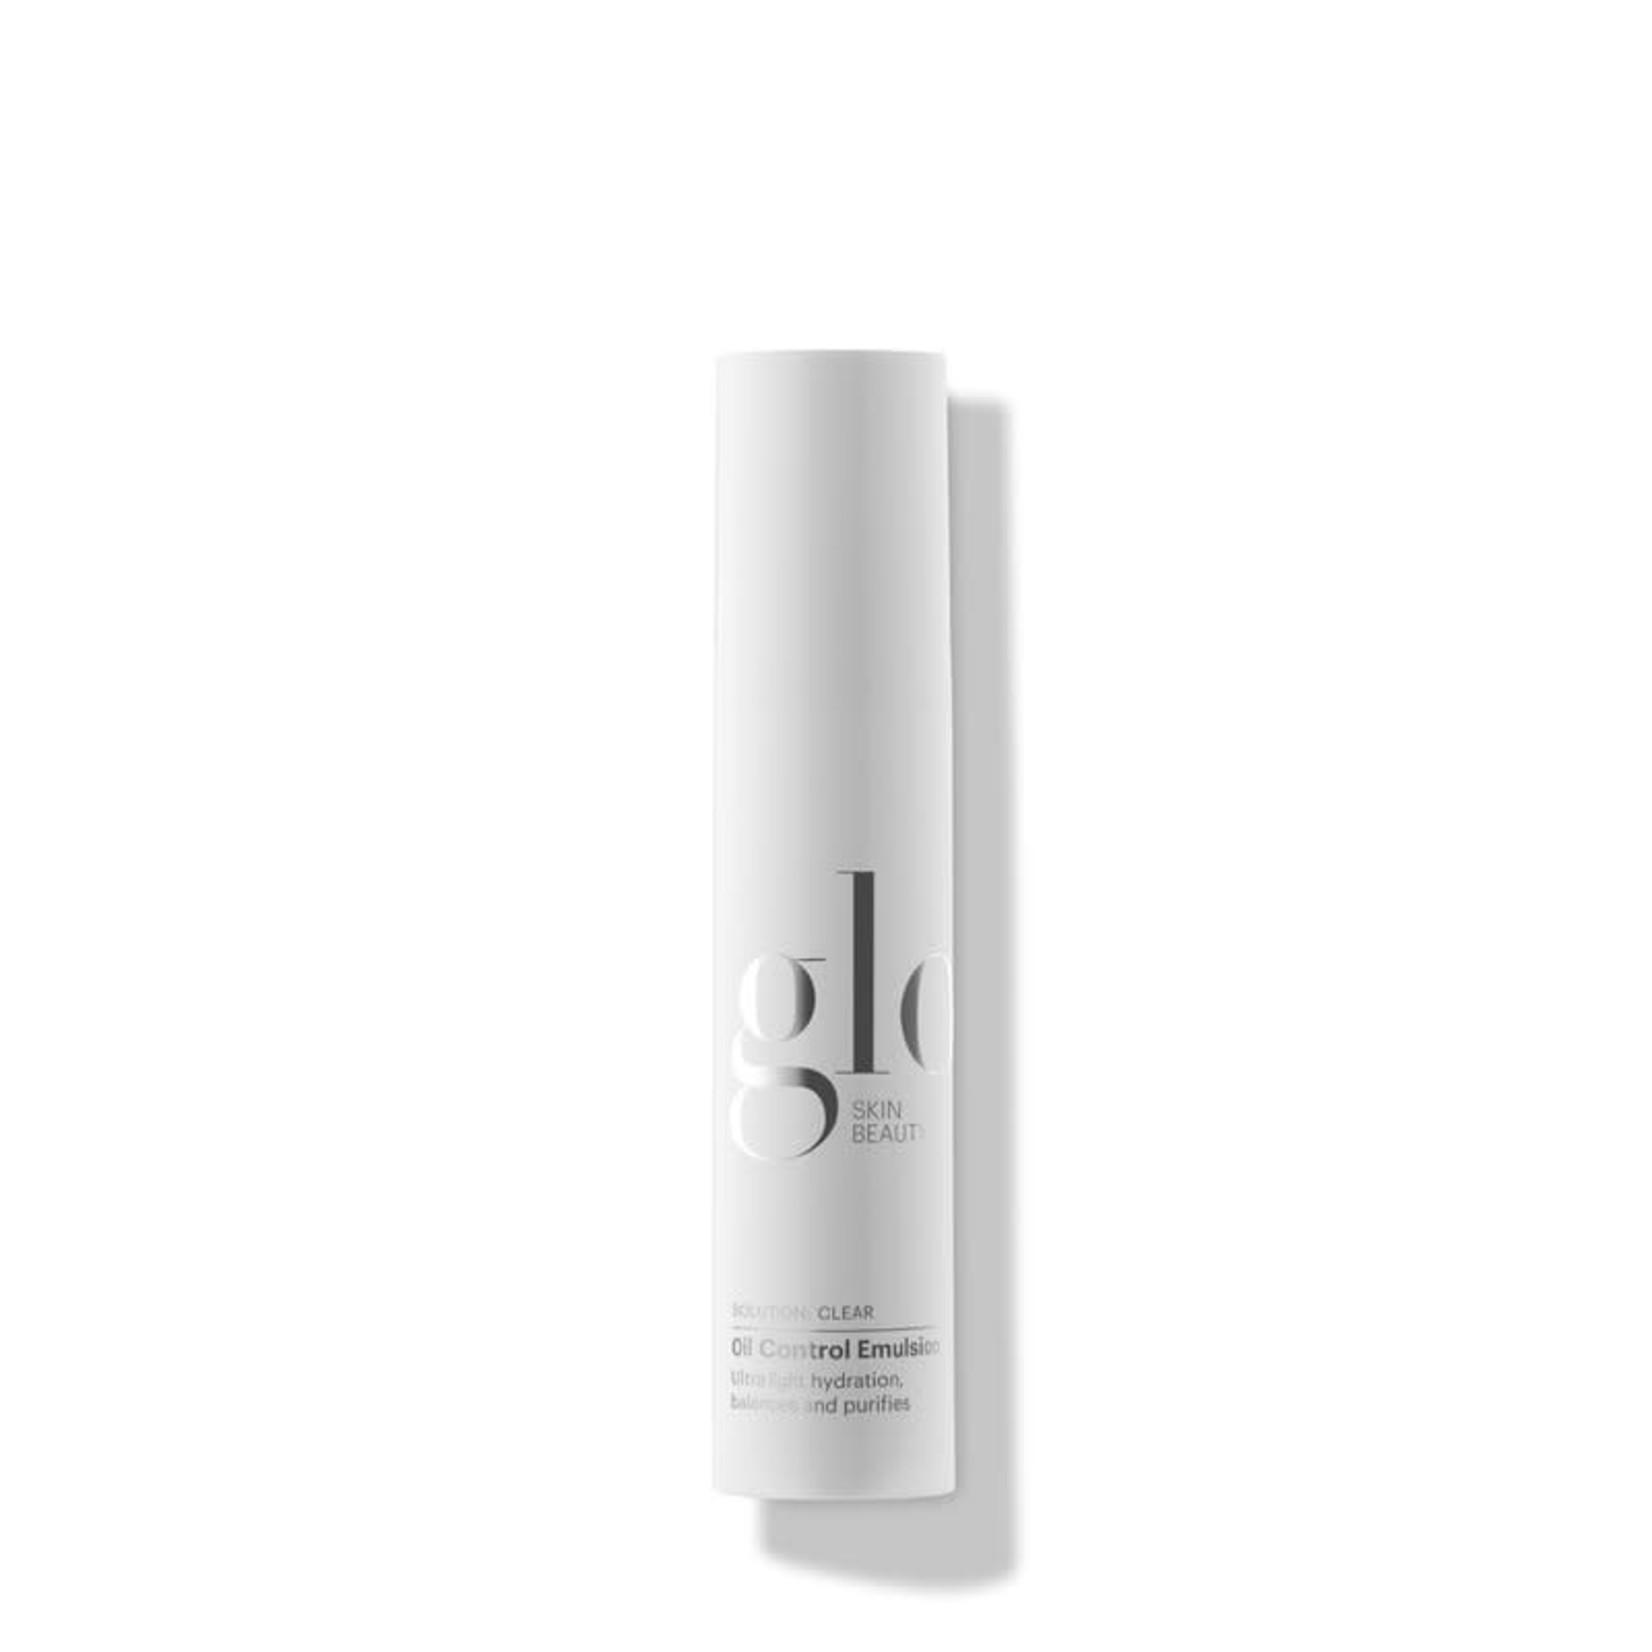 Glo Skin Beauty Oil Control Emulsion